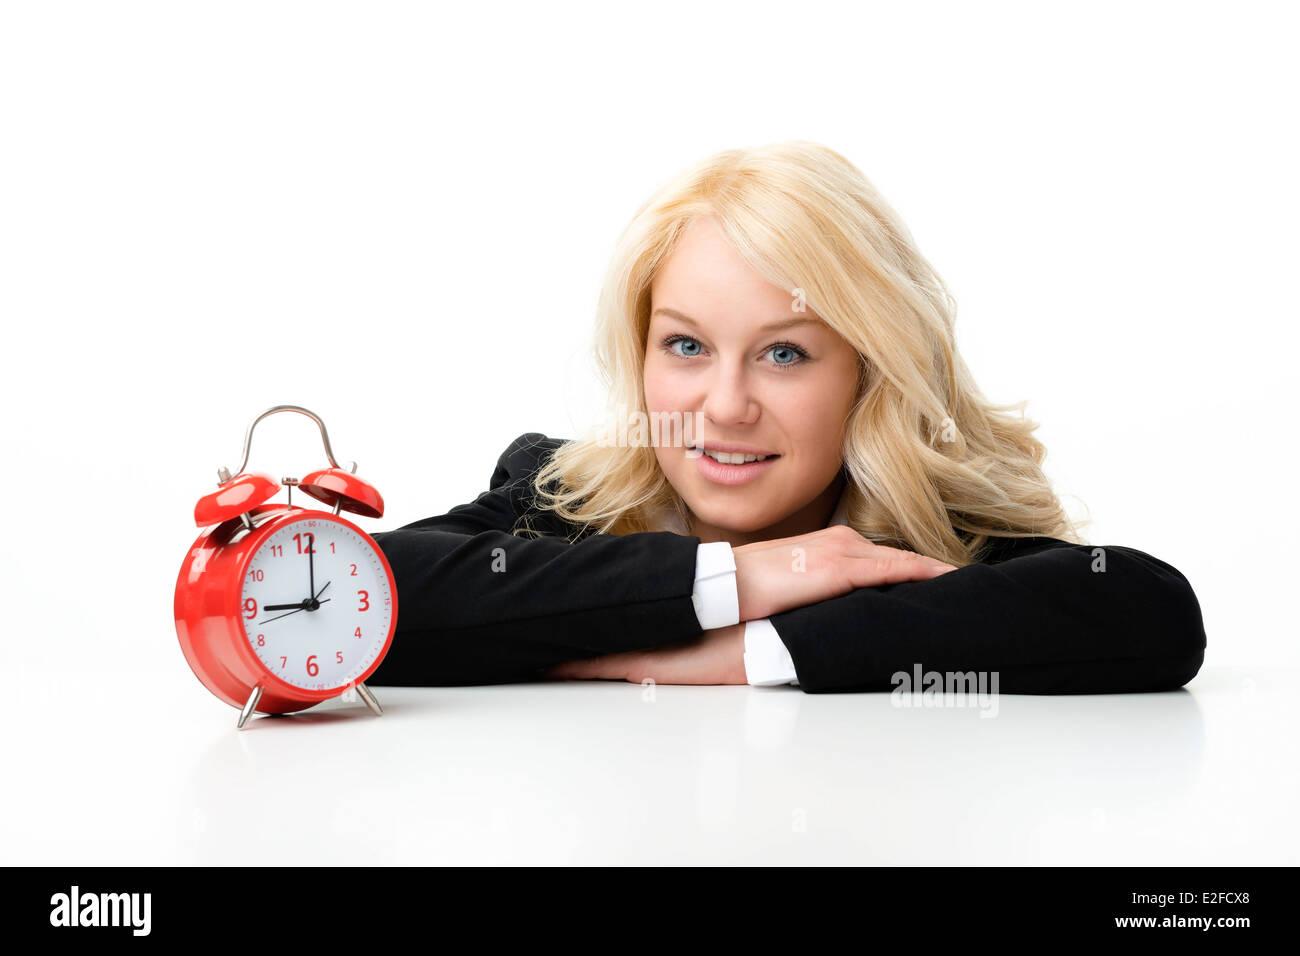 Blonde Frau mit roten Wecker lachen Stockbild